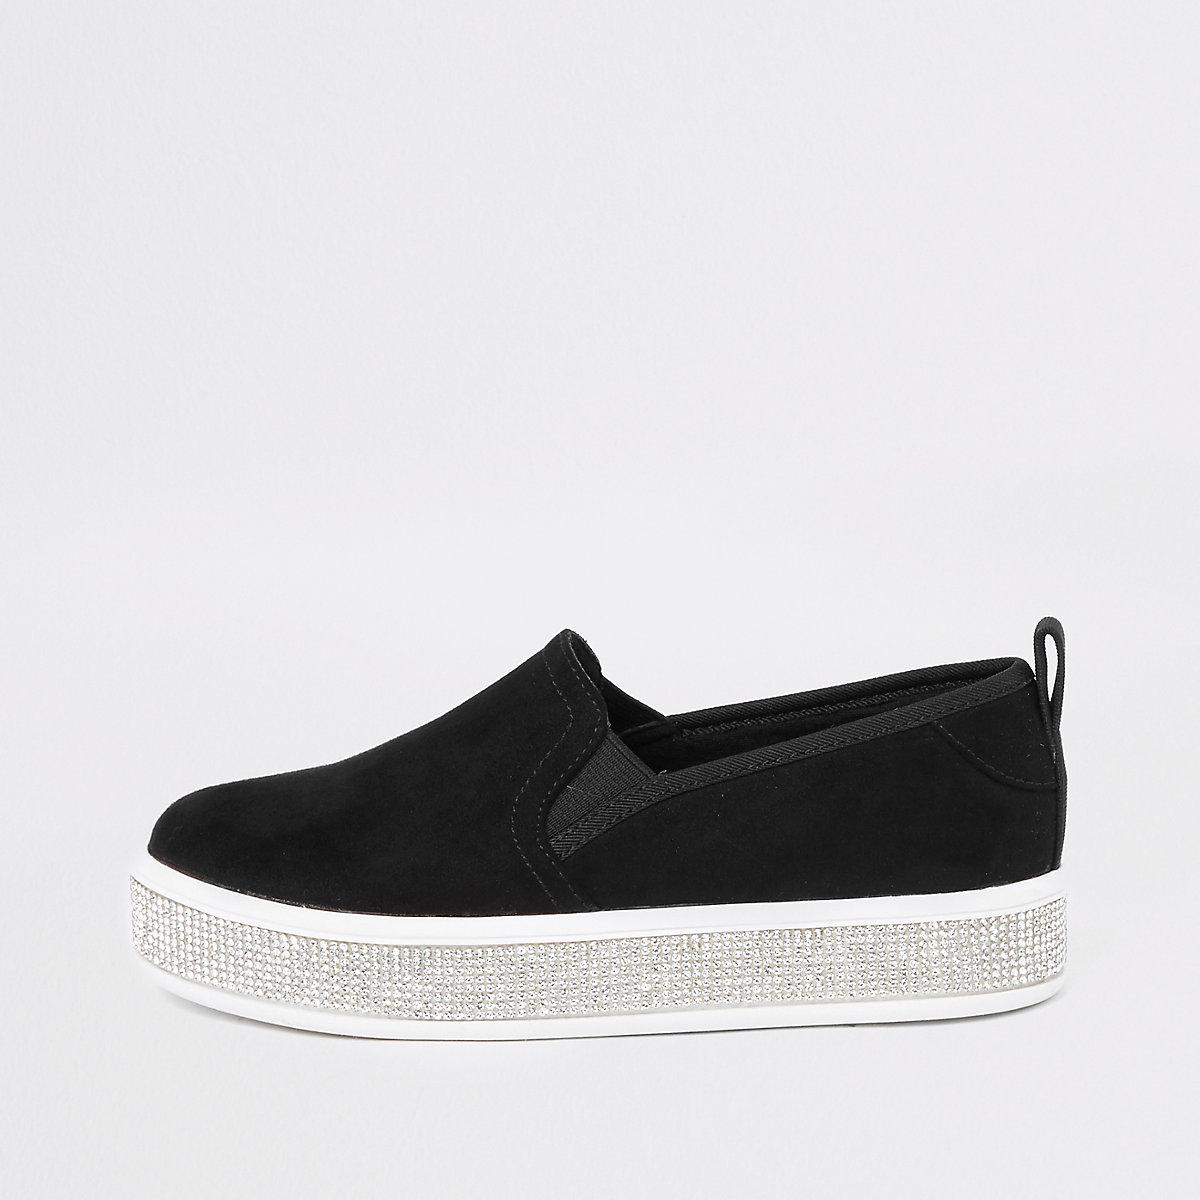 Girls black diamante sole plimsolls